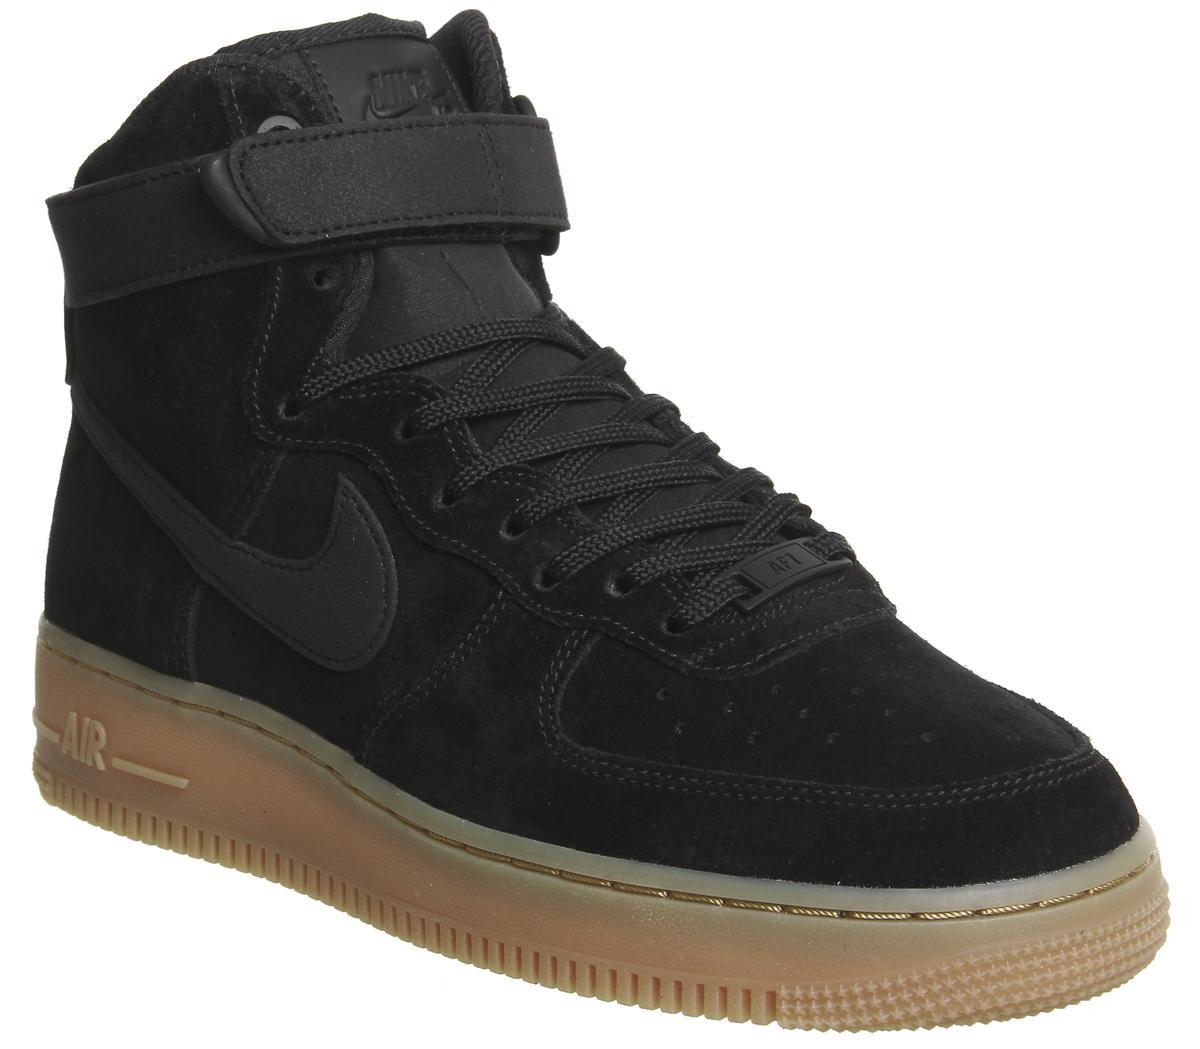 871c1eaf971ced Nike Air Force 1 Hi Trainers Black Black Gum - Hers trainers